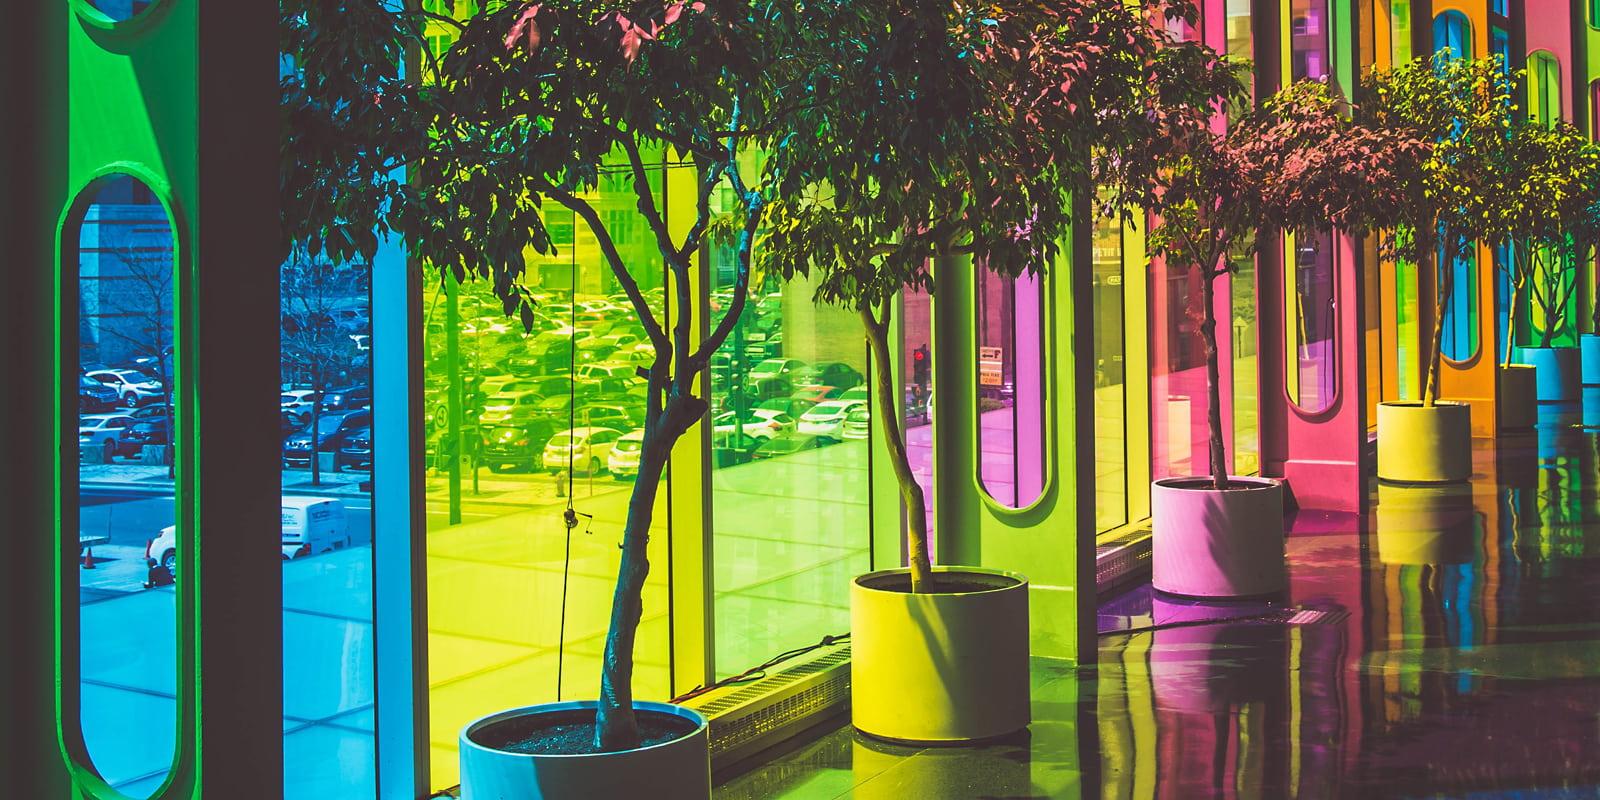 Pflanzen vor bunten Fenstern